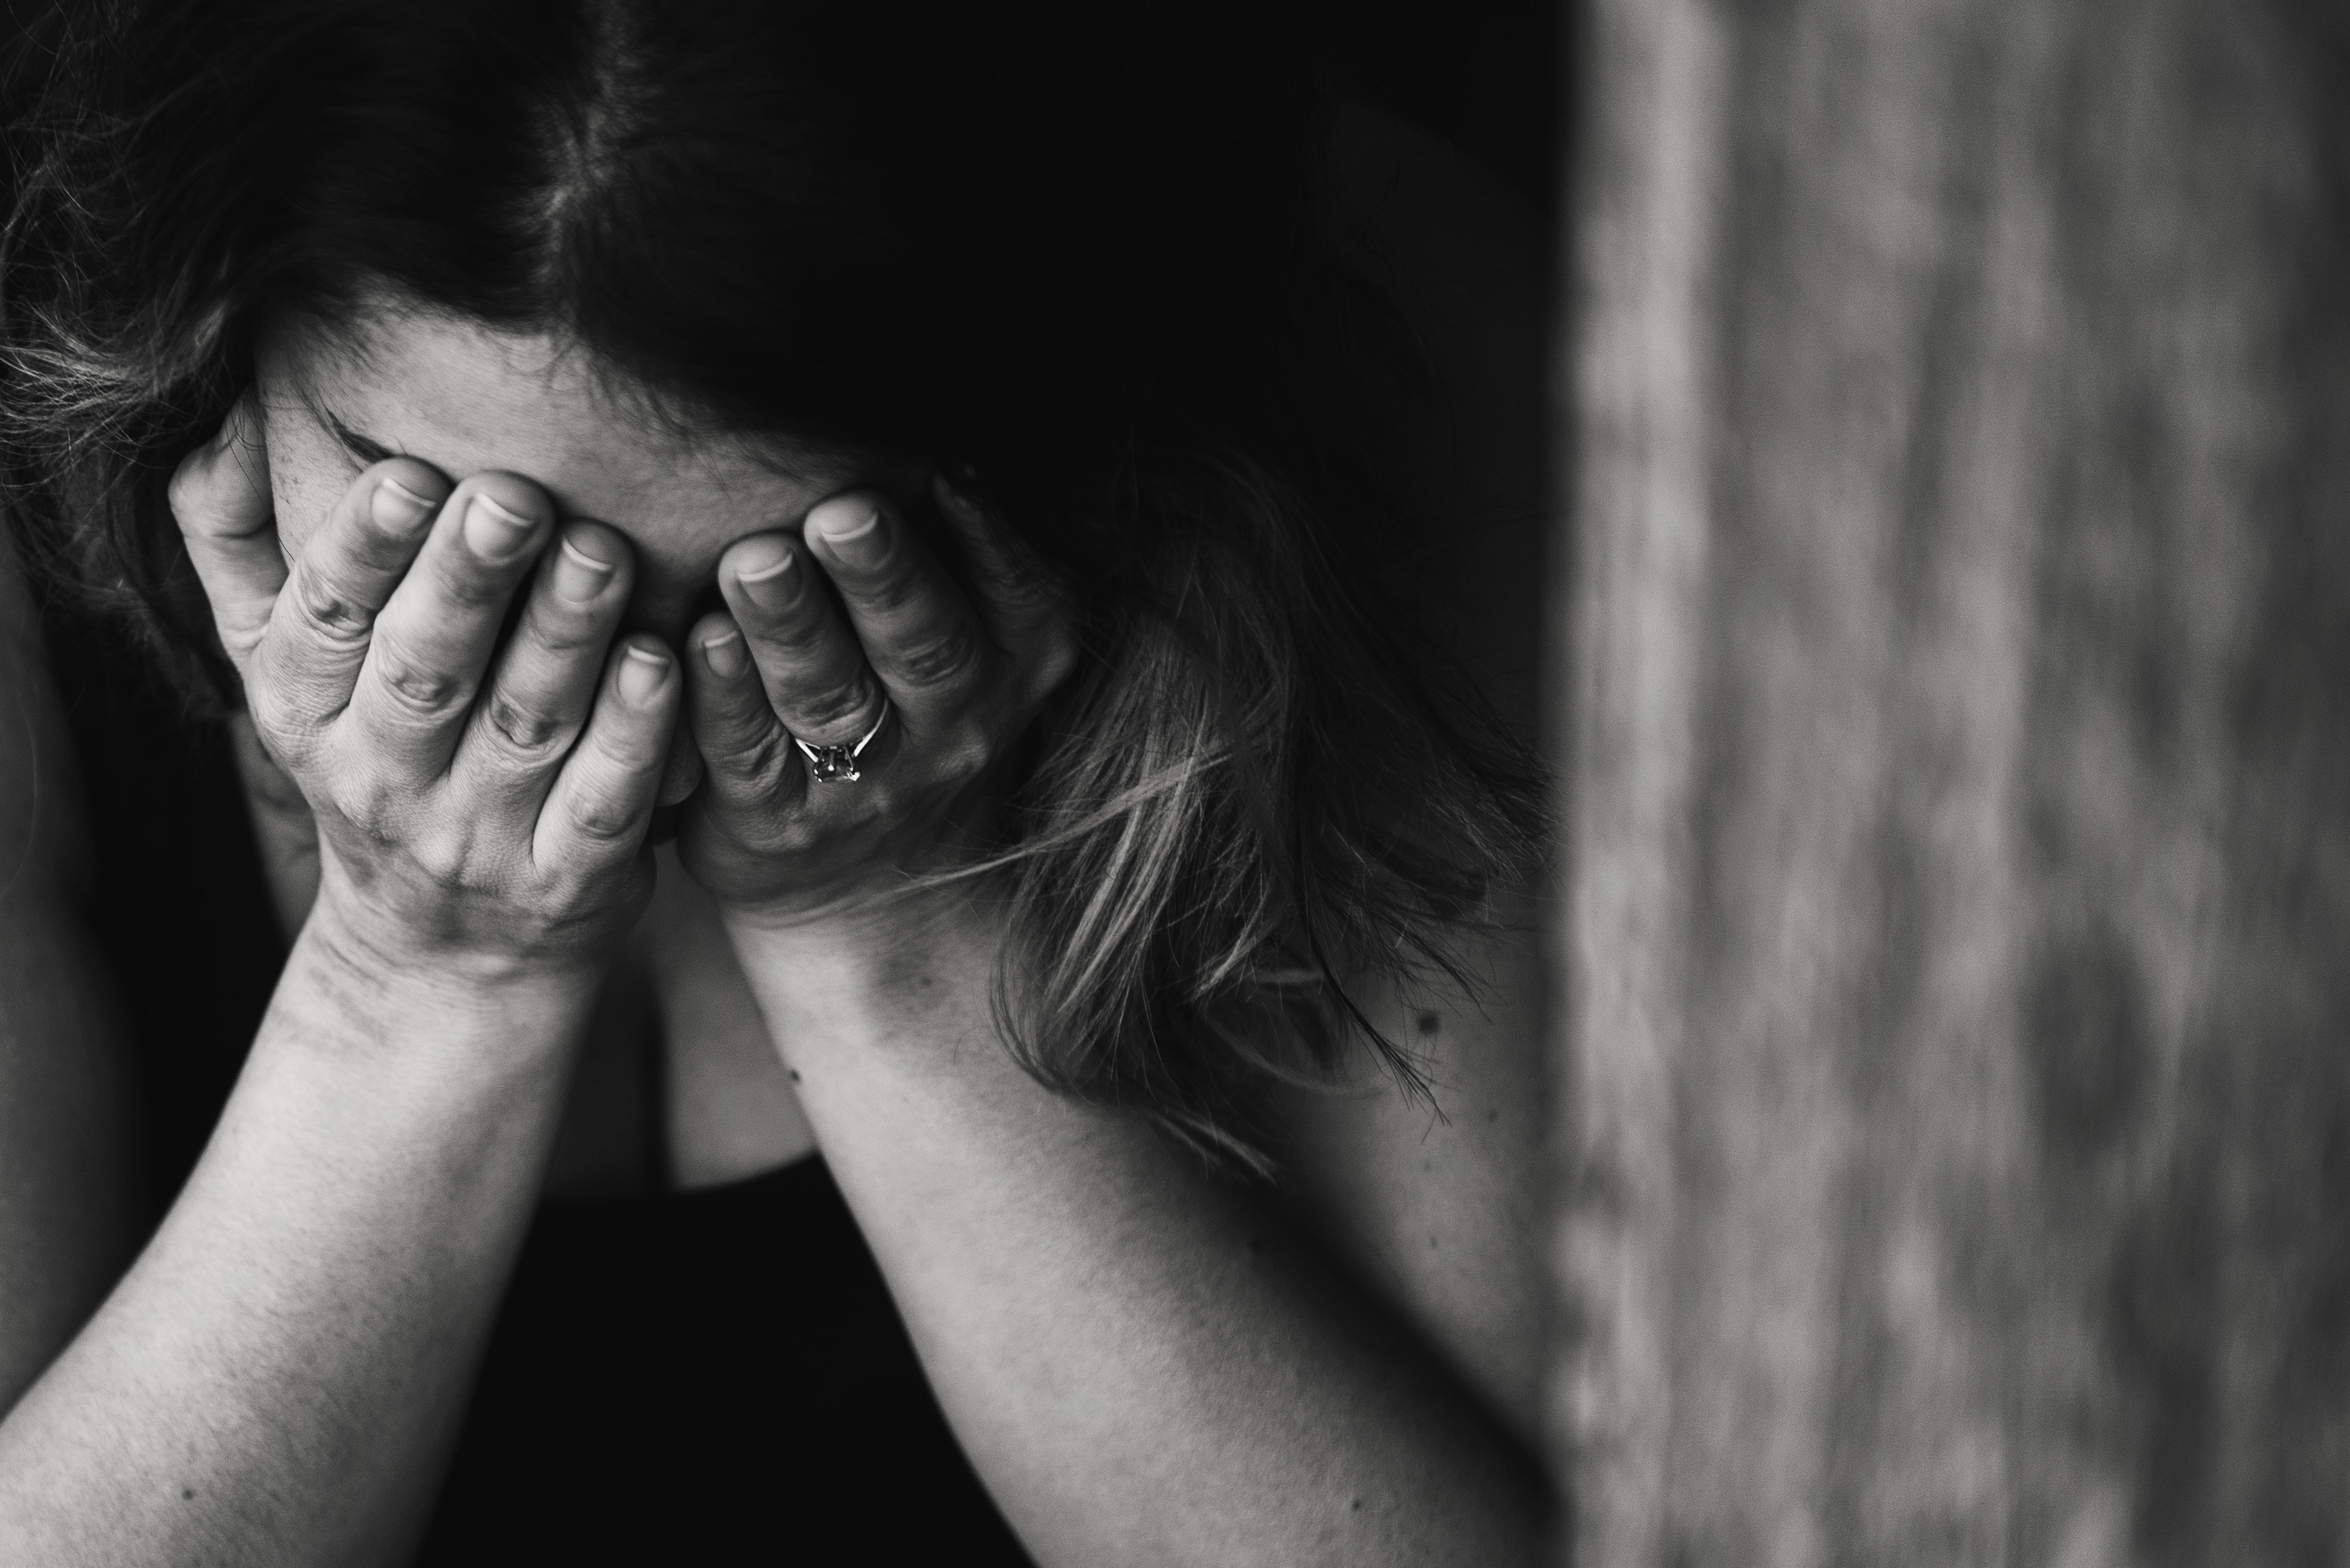 Utan omsesidighet ar sex inte mycket vart